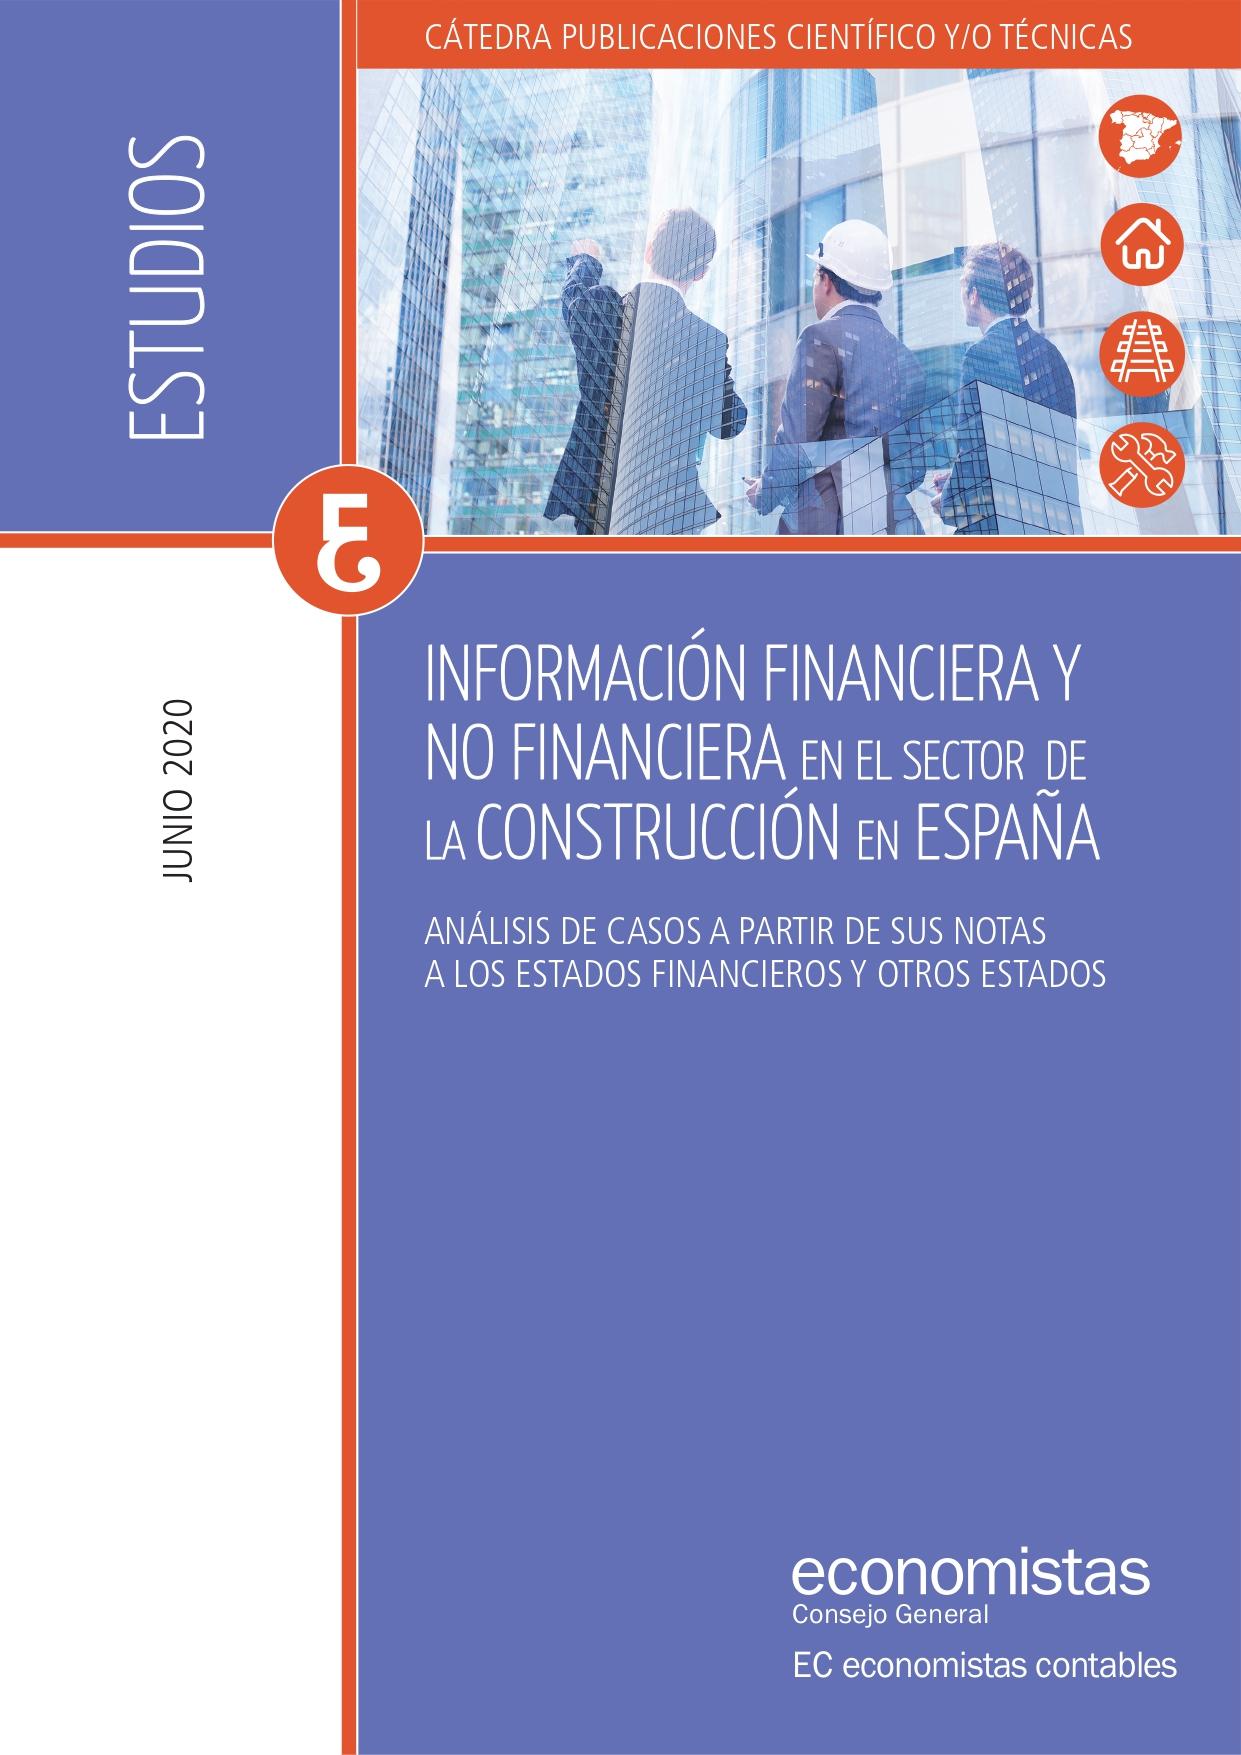 Estudio Información financiera y no financiera en el sector de la construcción en España_page-0001 (1)